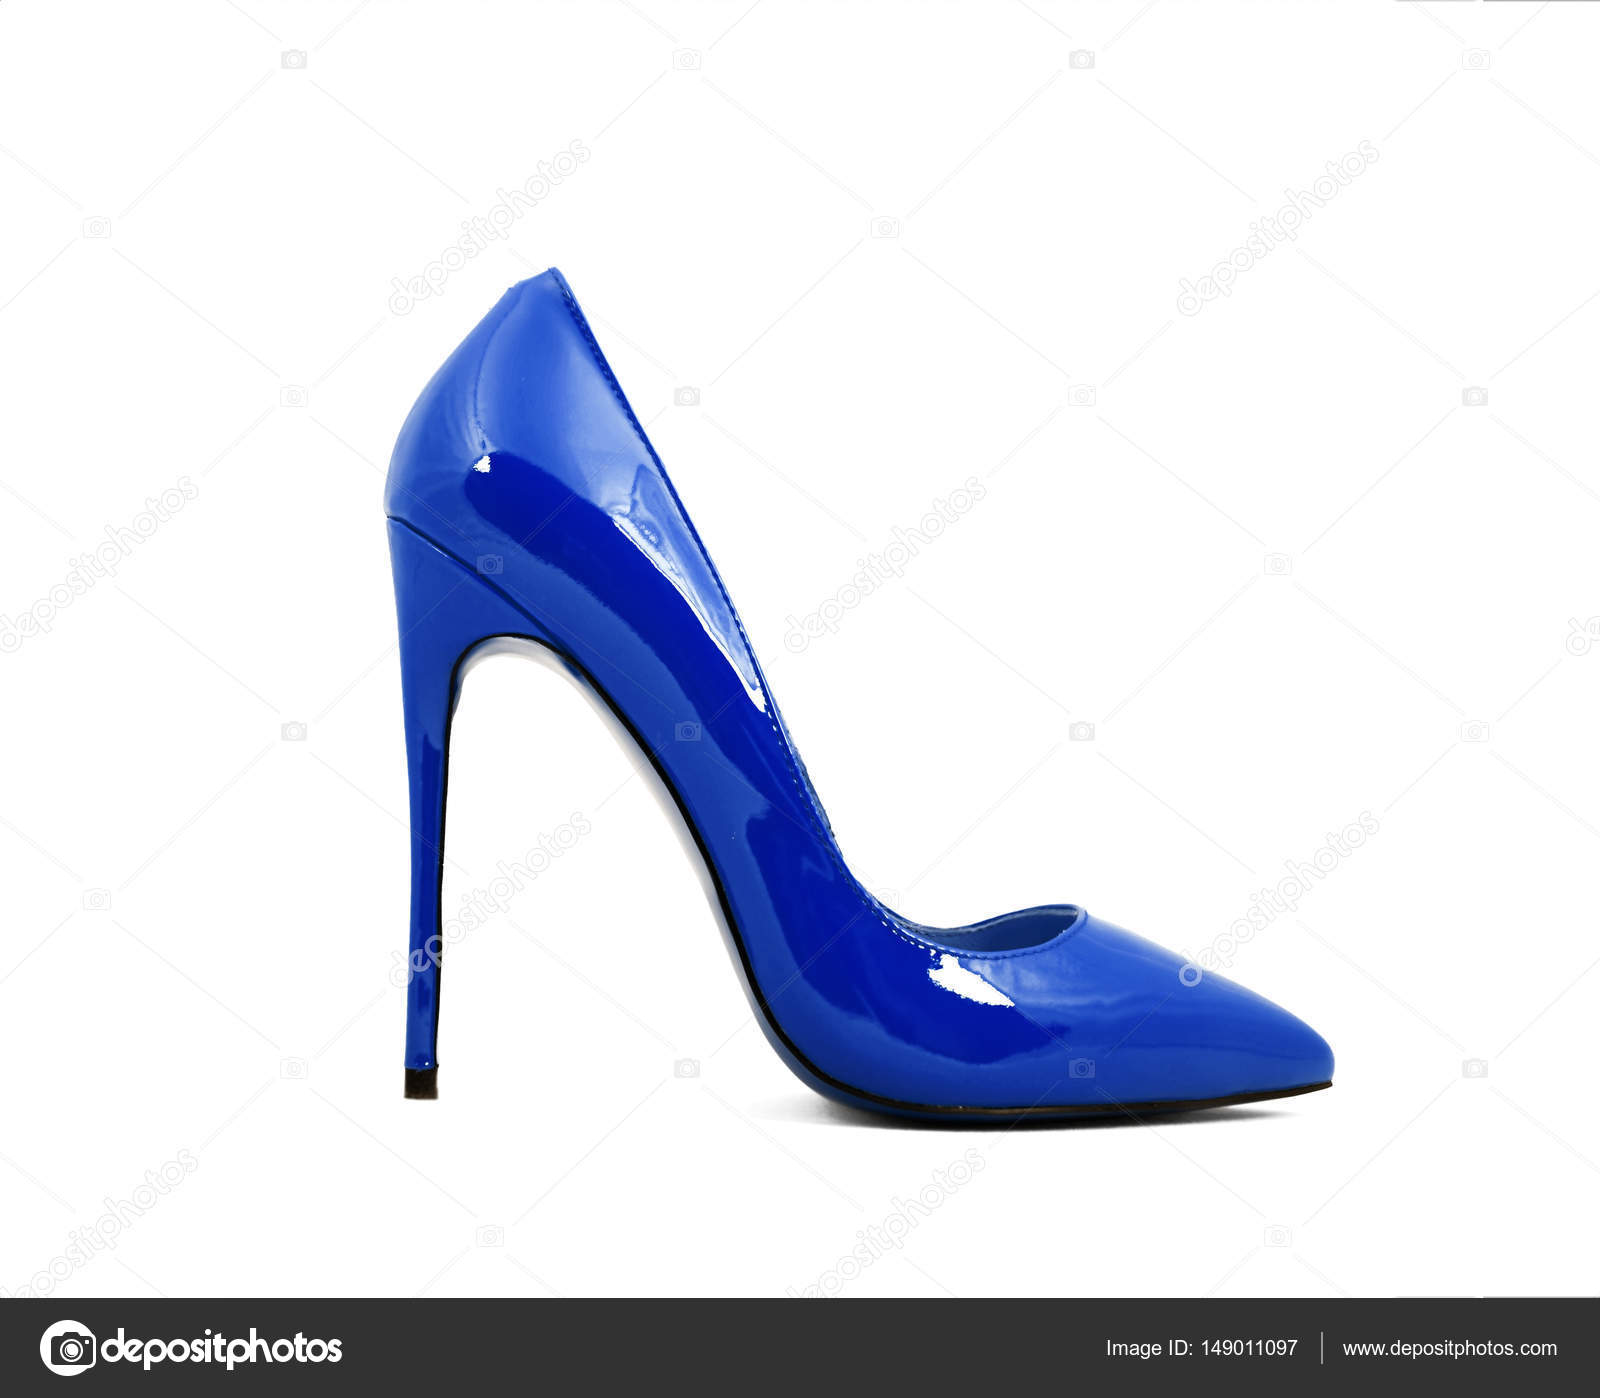 la mejor actitud 05406 a2b2d Zapatos azules de mujer tacones, aislados sobre fondo blanco ...